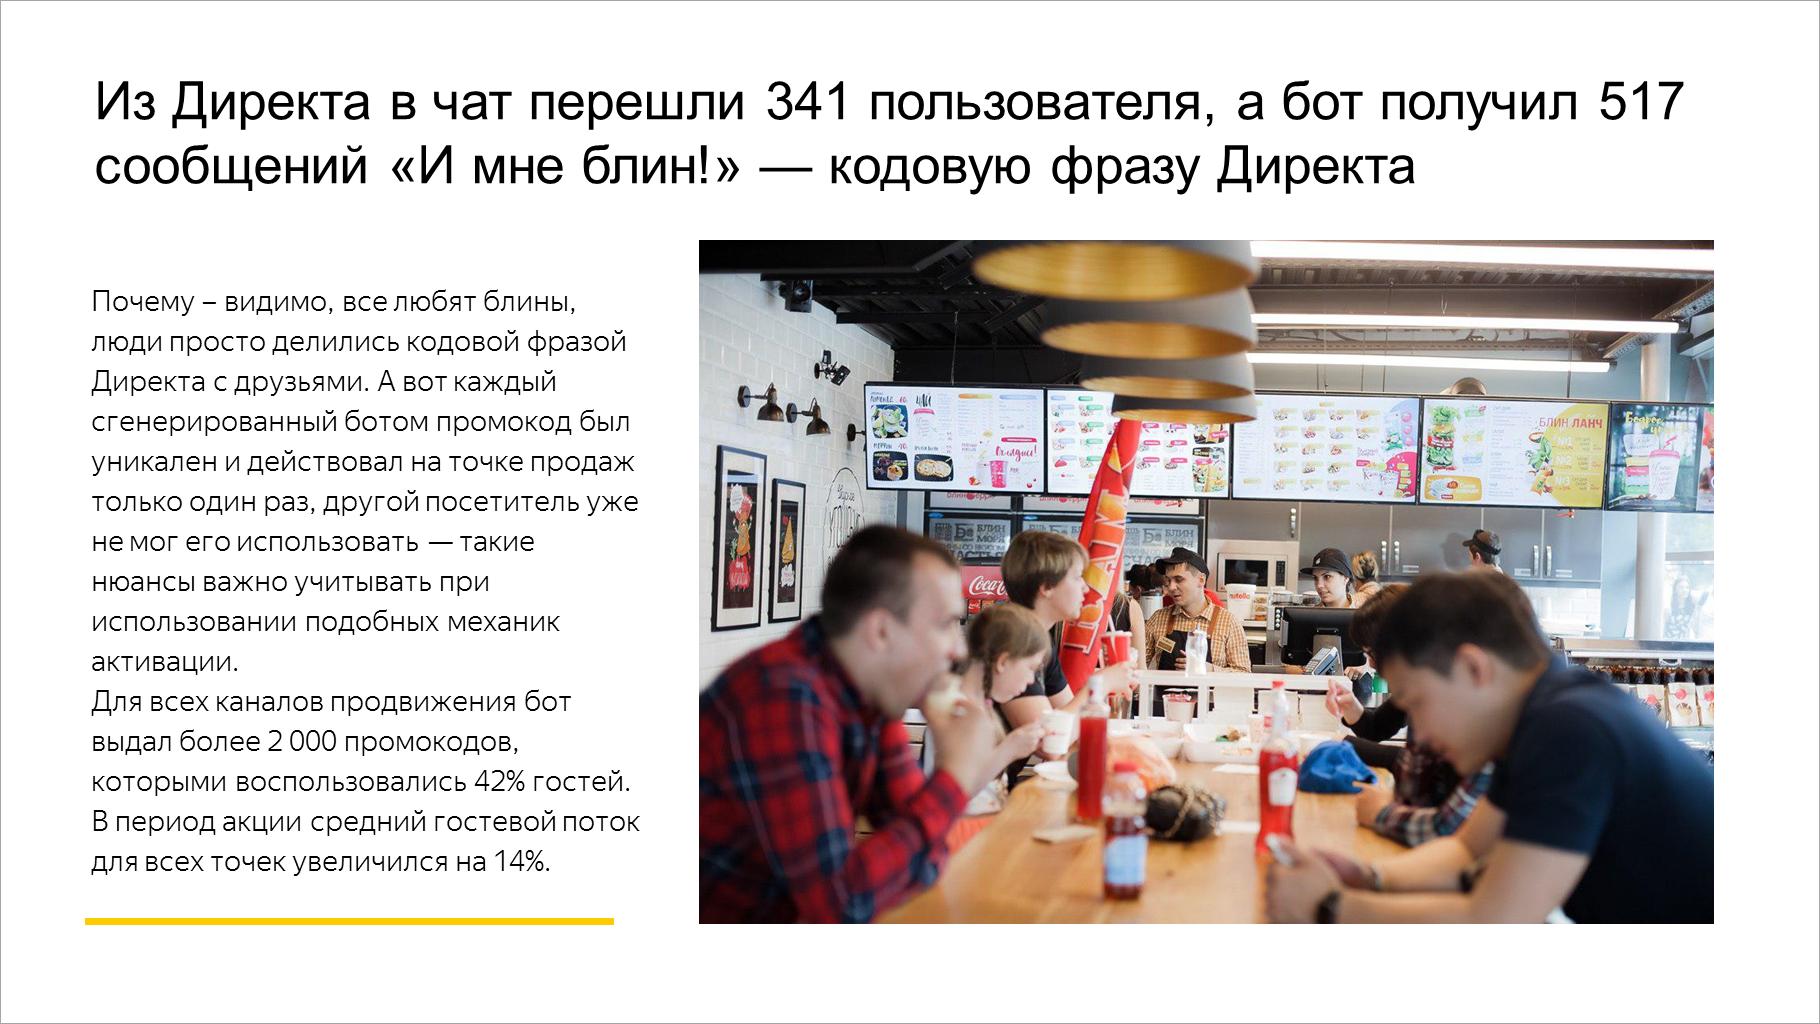 Из Директа в чат перешли 341 пользователя, а бот получил 517 сообщений «И мне блин!» — кодовую фразу Директа